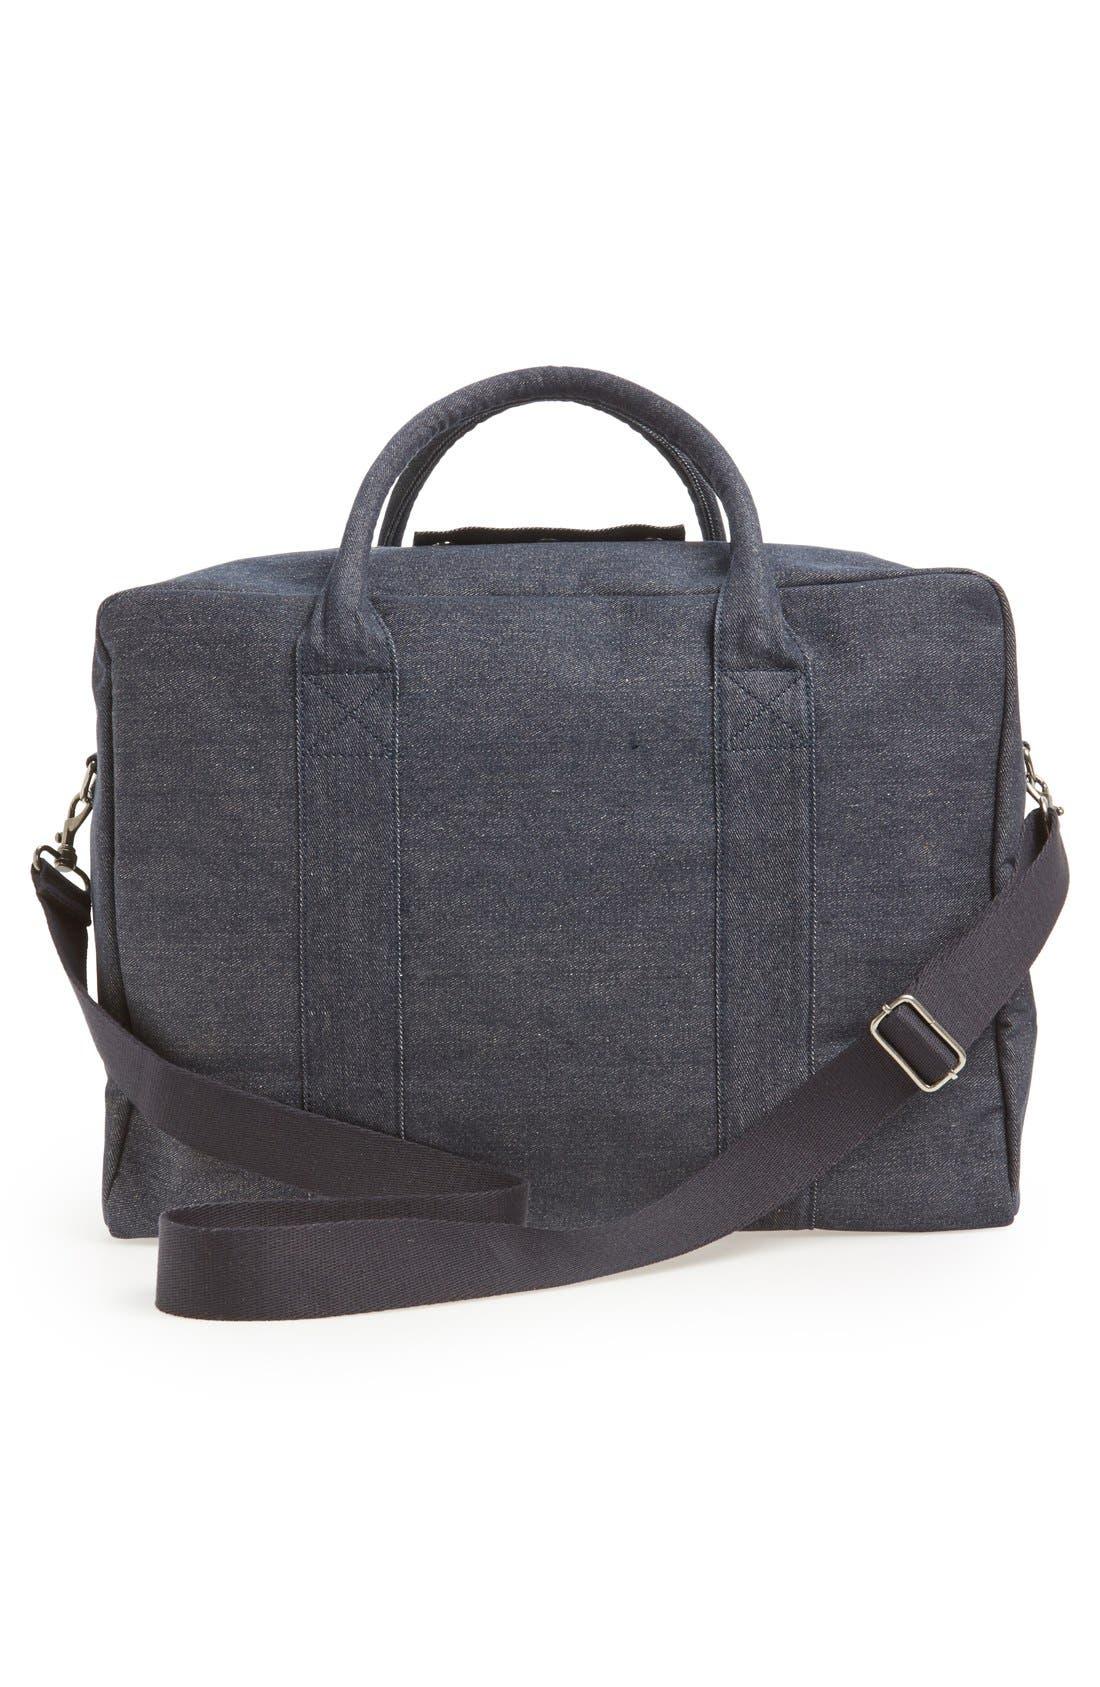 Denim Duffle Bag,                             Alternate thumbnail 4, color,                             461